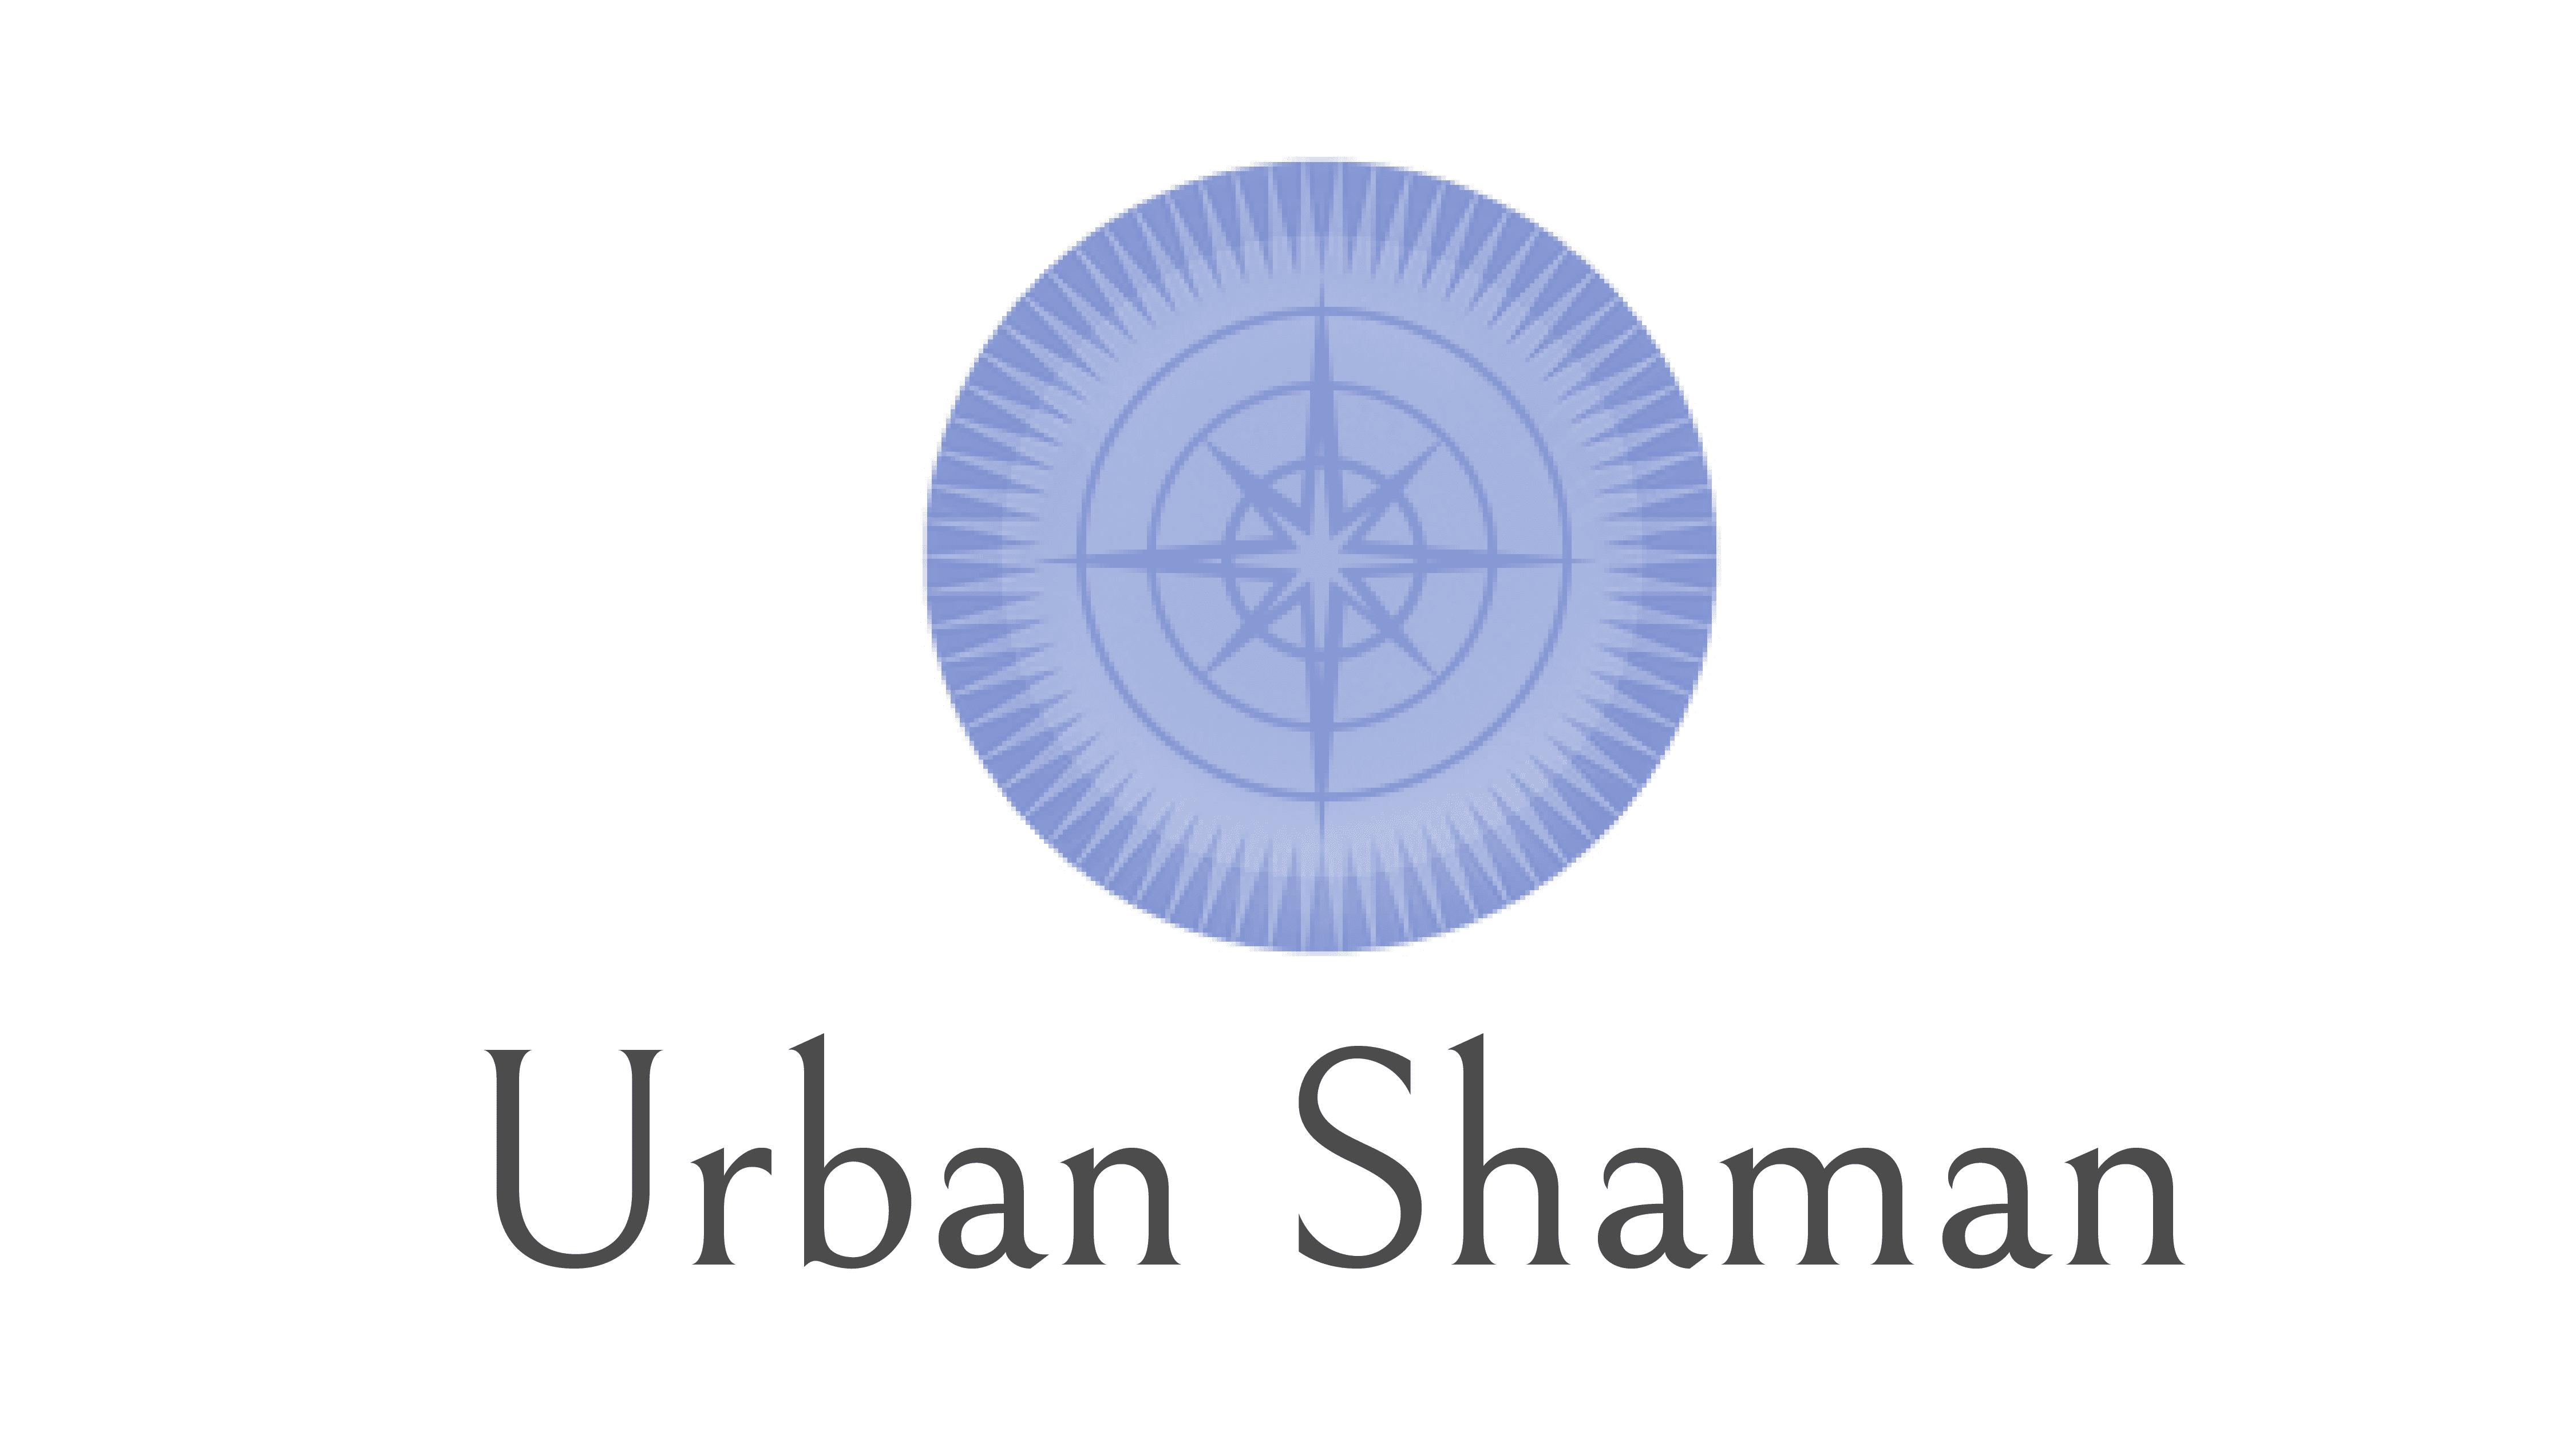 Urban-Shaman-Logo-Final-02